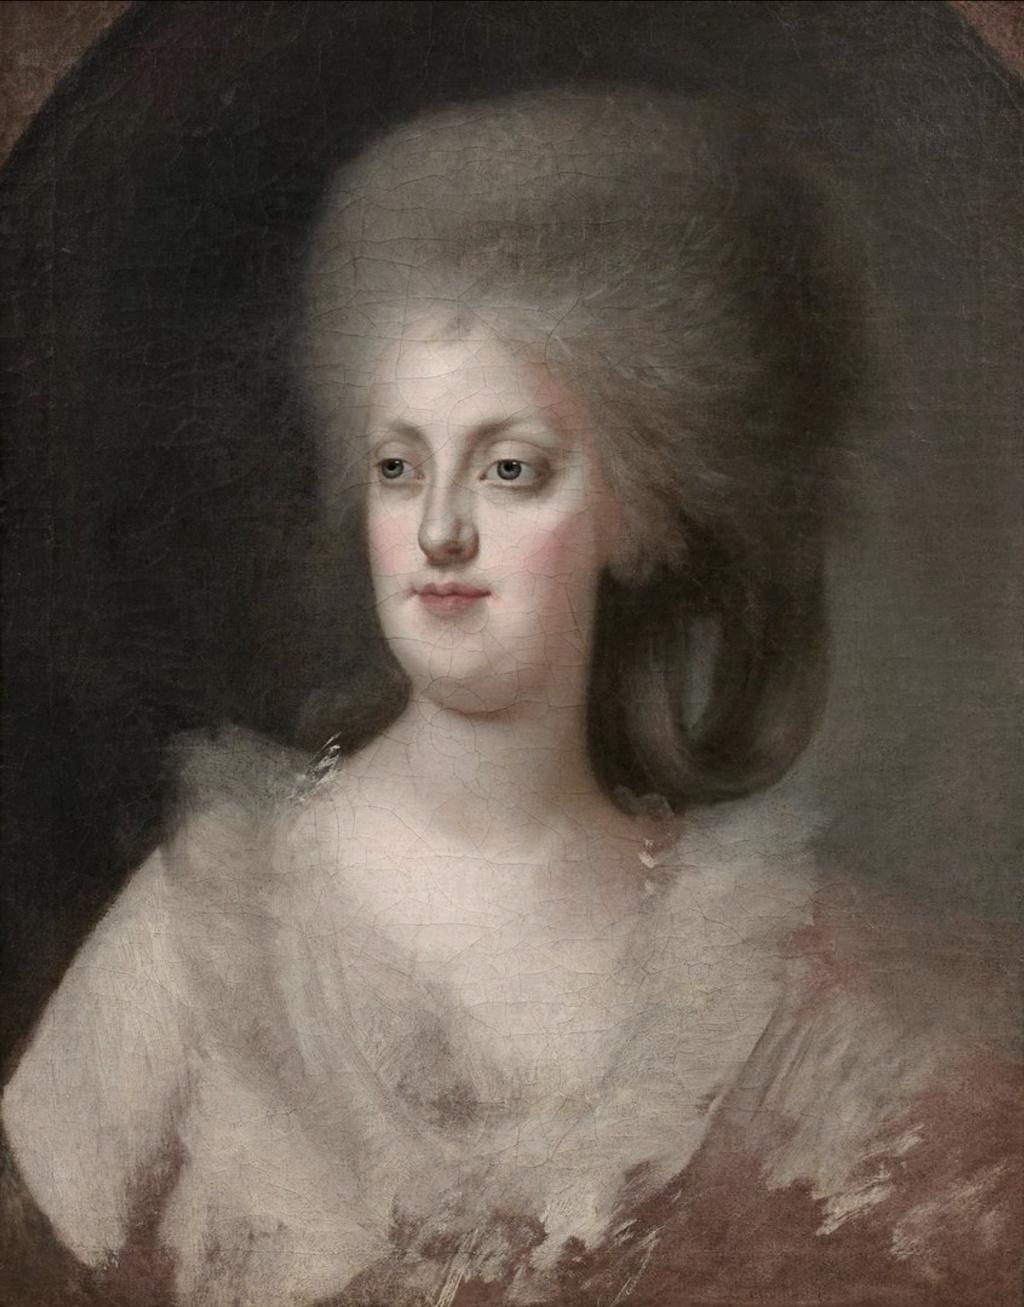 Portraits de Marie Caroline d'Autriche, reine de Naples et de Sicile - Page 4 Capt2633